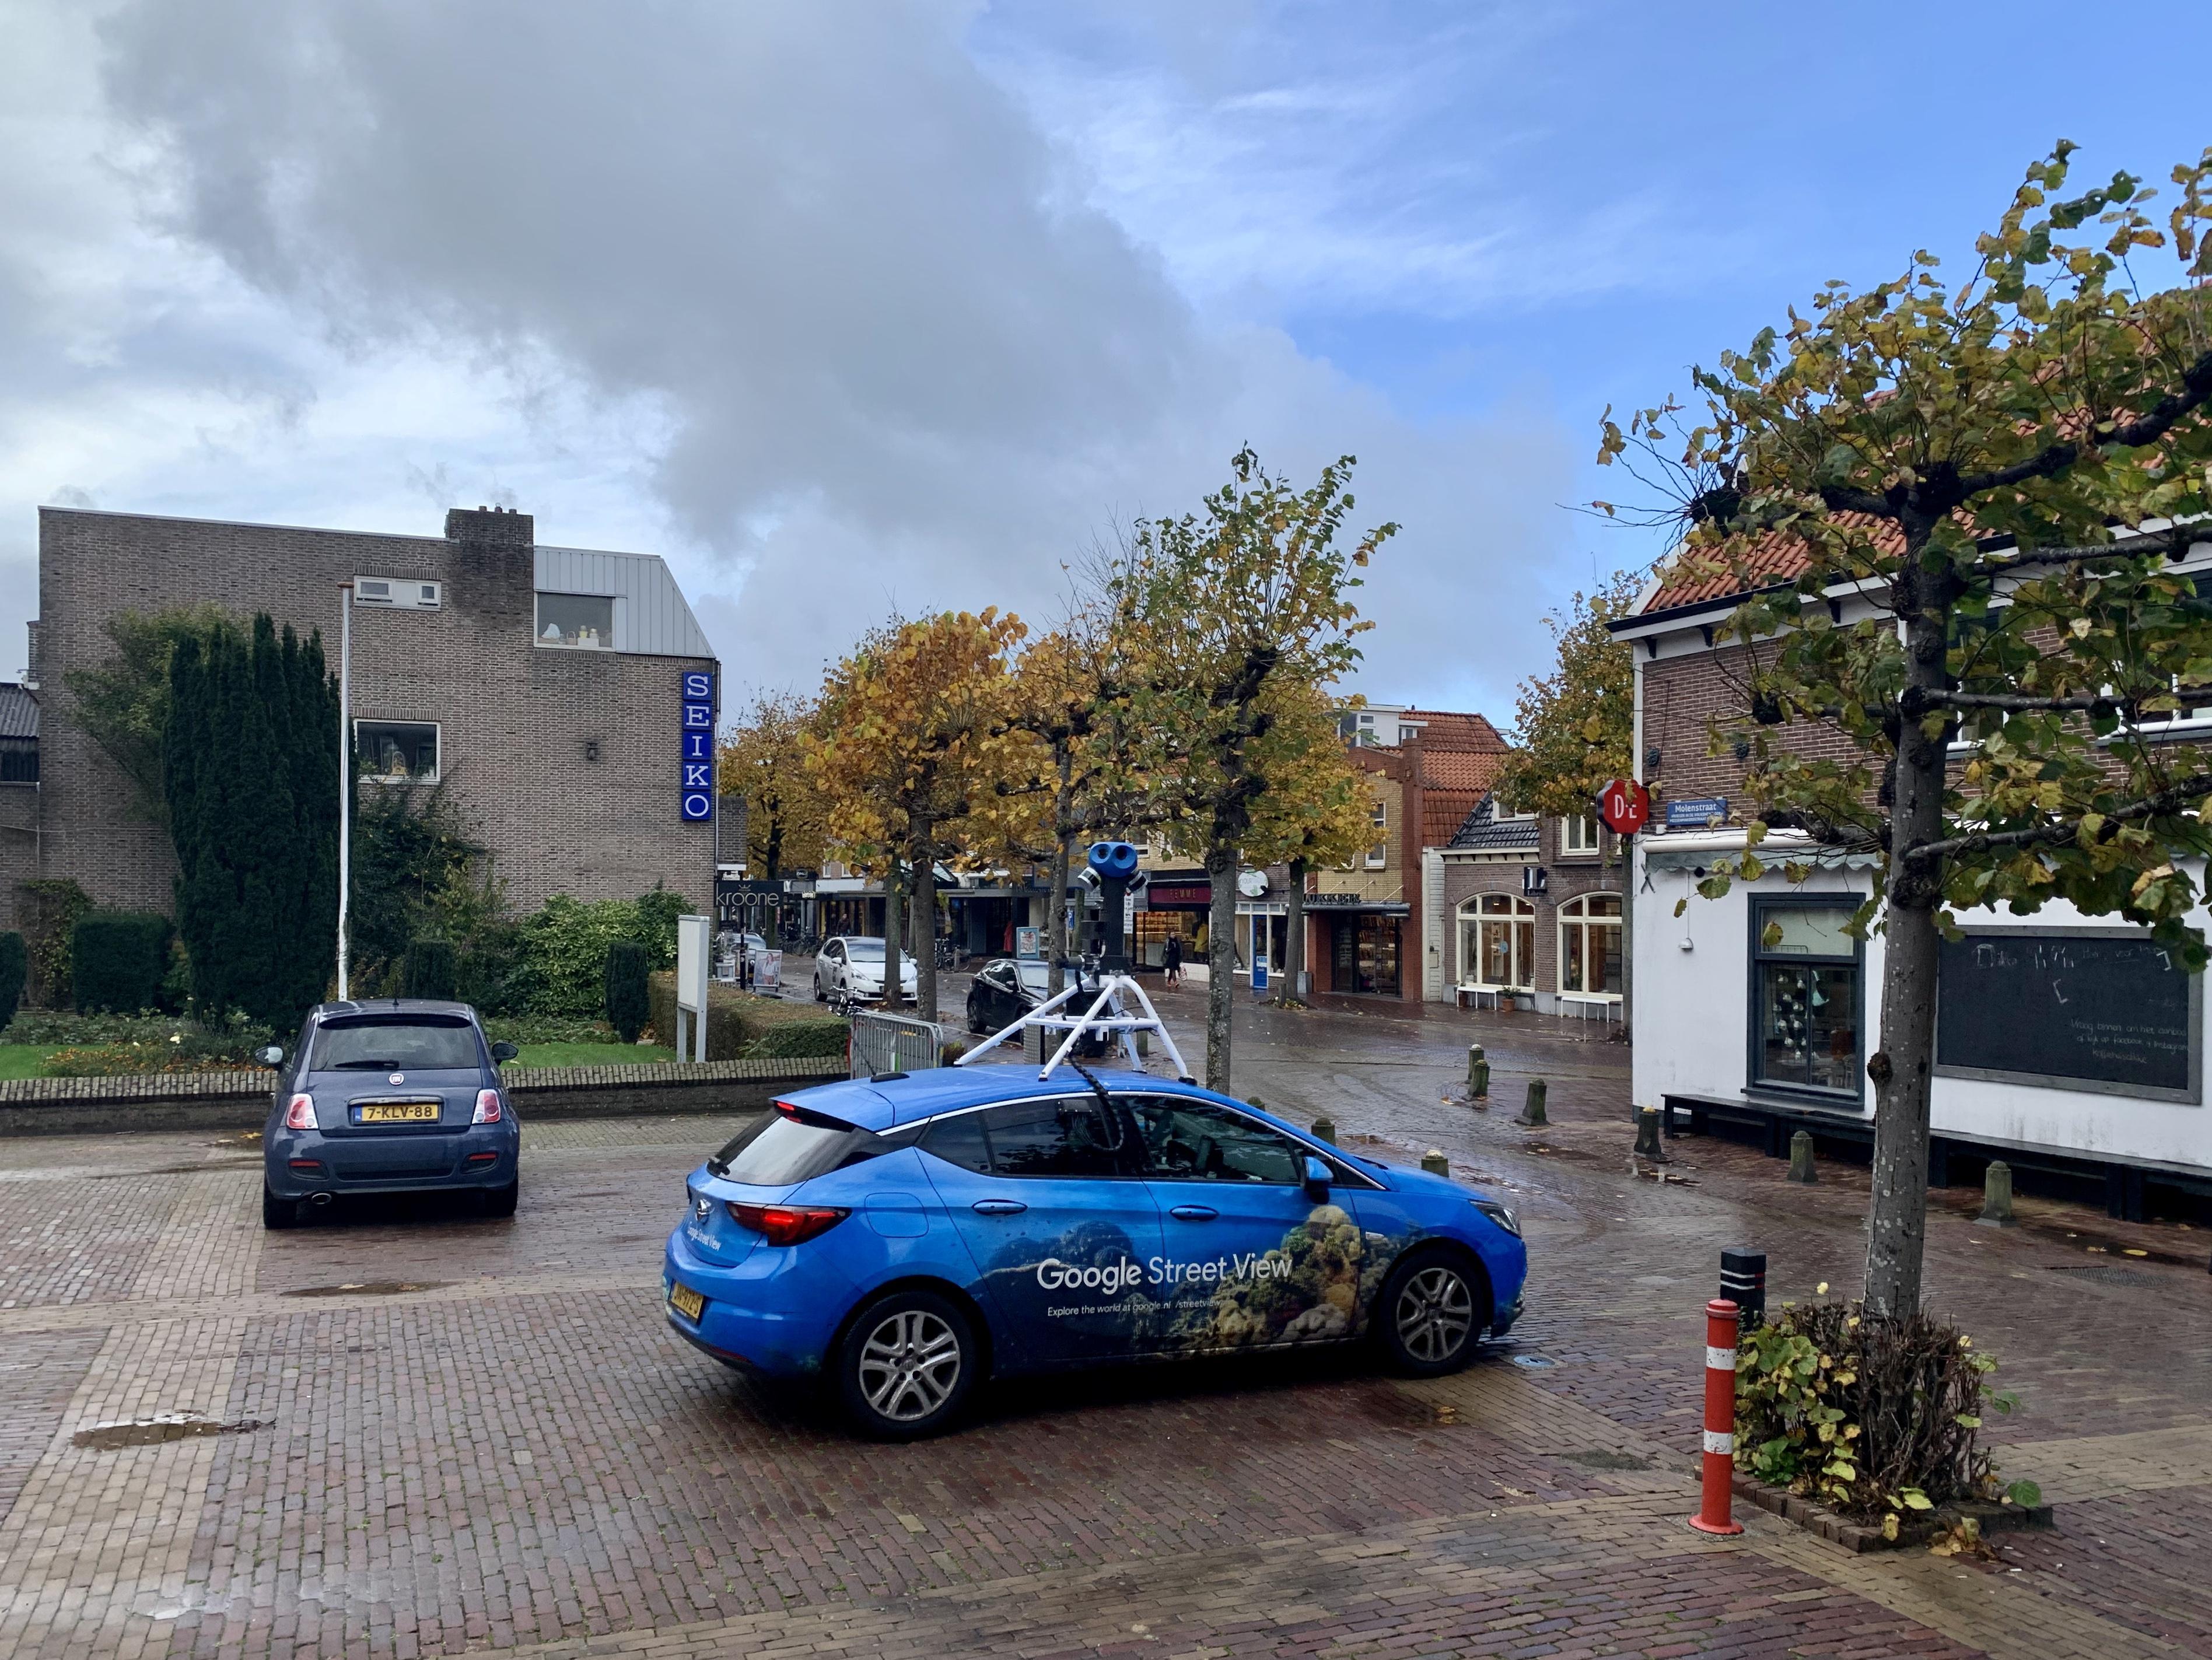 Google doet z'n ronde in de Noordkop met camera-auto voor verse Streetview-beelden